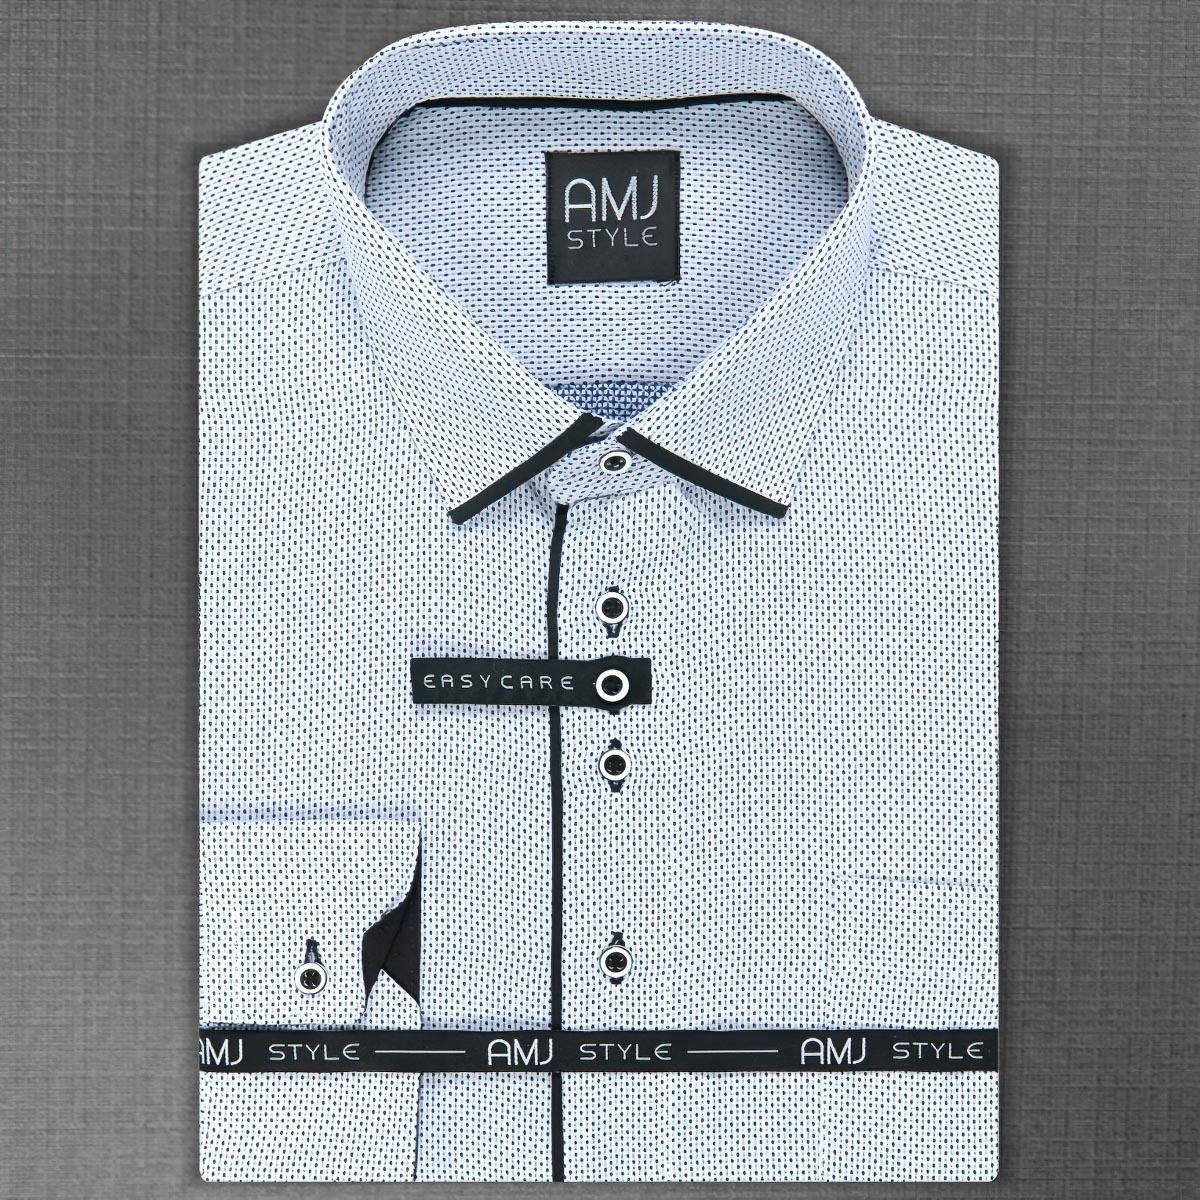 Pánská košile AMJ bílá puntíkovaná VDZ1004 25effa39cc